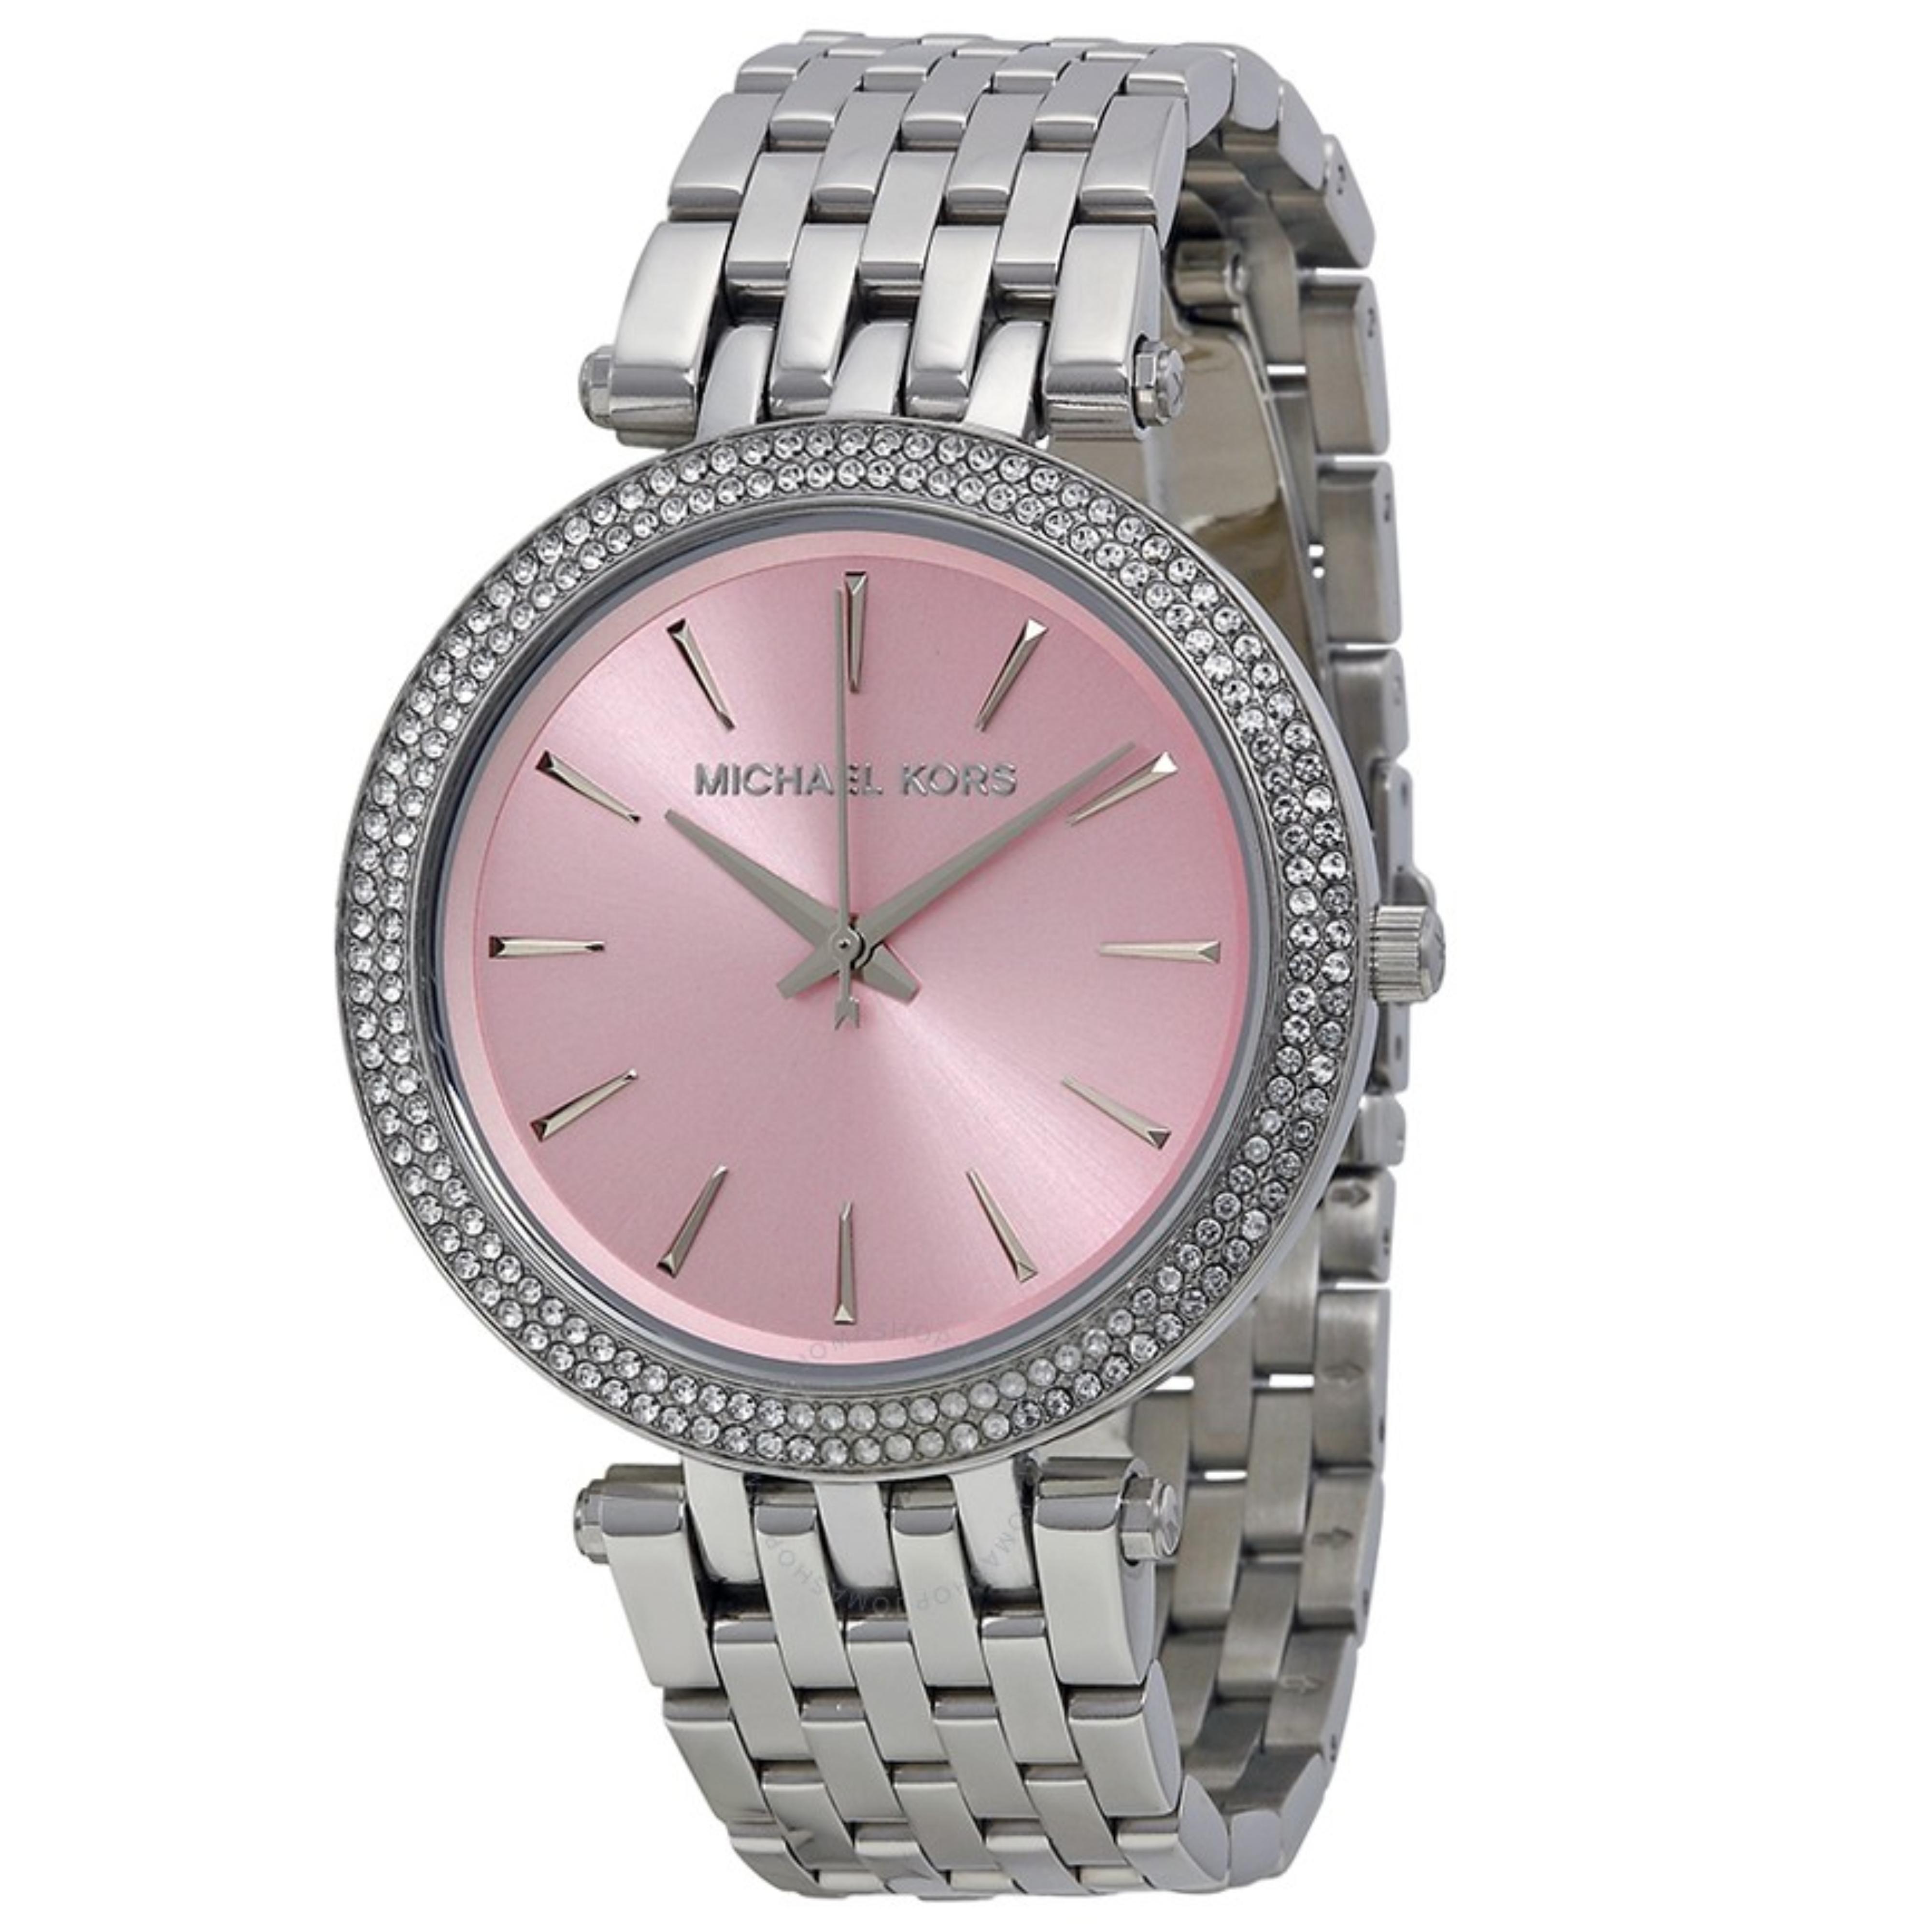 Allafrance другой магазин в пристрое женские наручные часы — оригинал kenzo.